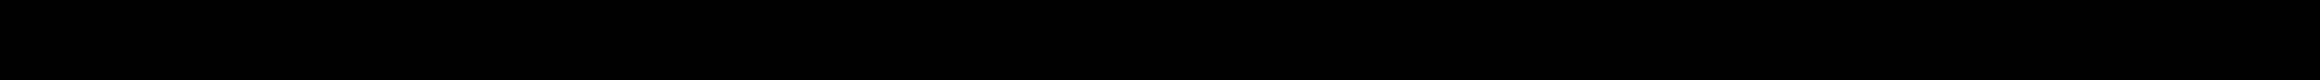 RIDEX 2E0698451, 402B0744, 402B0744, 0044206920, 008 420 51 20 Remblokkenset, schijfrem